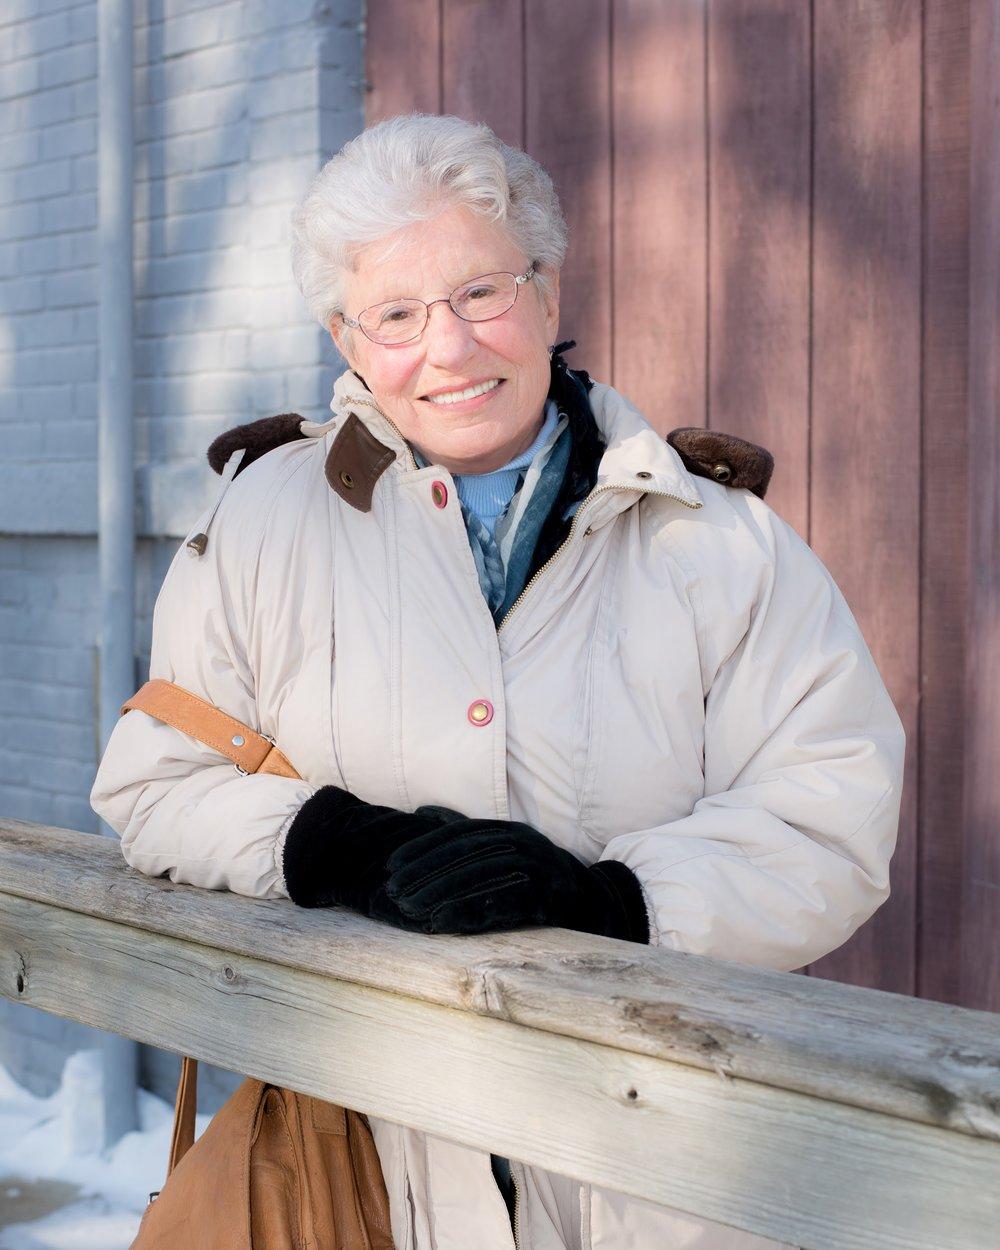 Marie Steele